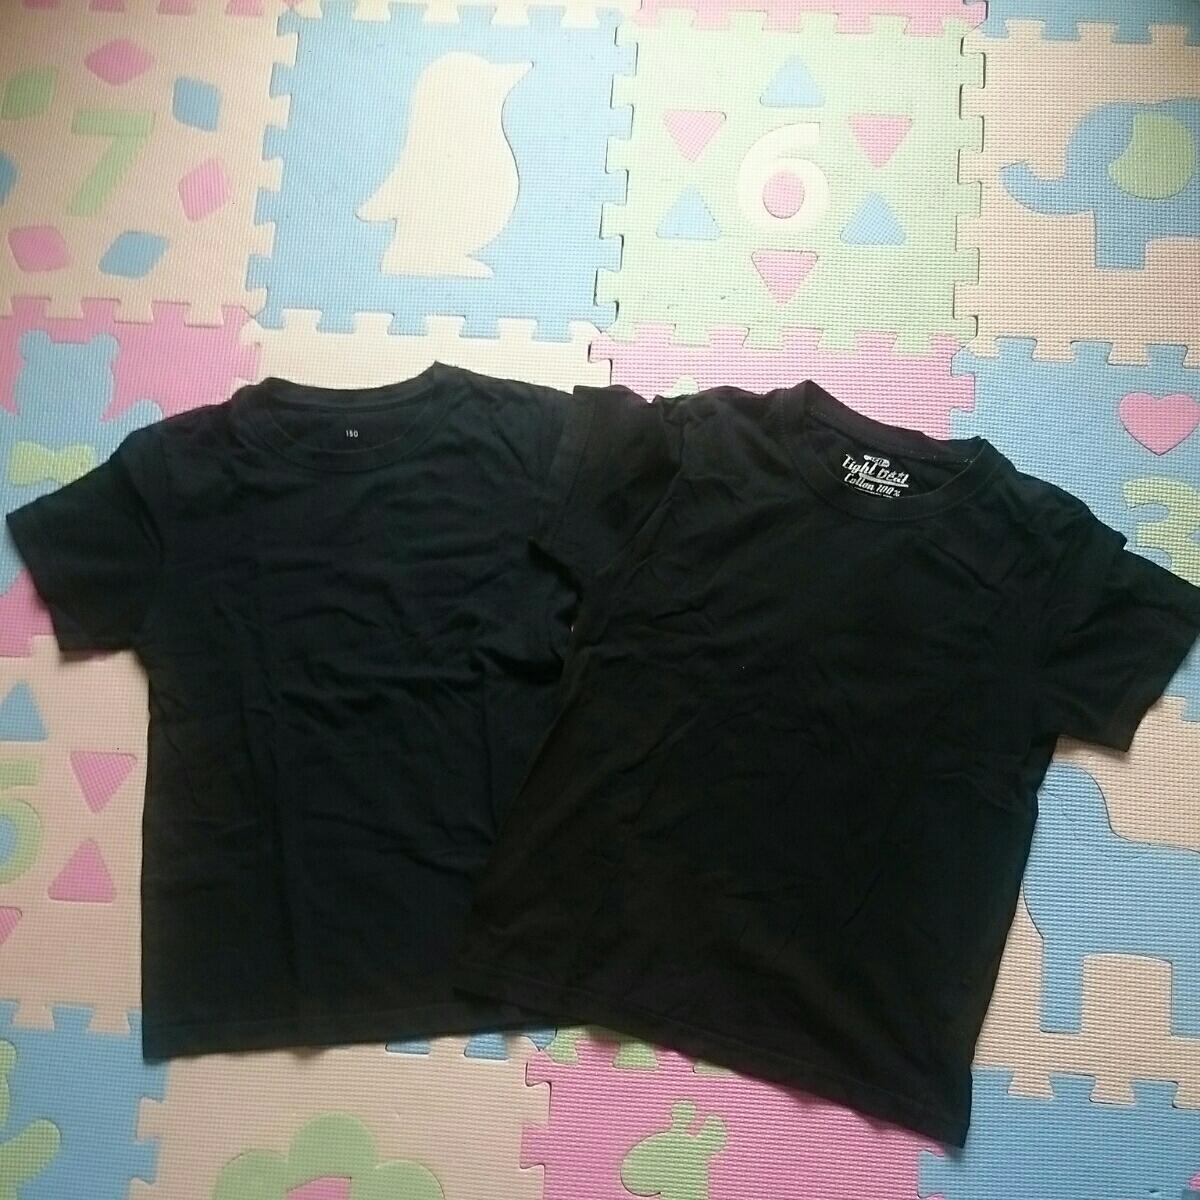 【即決!!】男の子用半そでTシャツ2枚セット 150㎝ ④ブラック2枚 下着/インナーにも_画像1